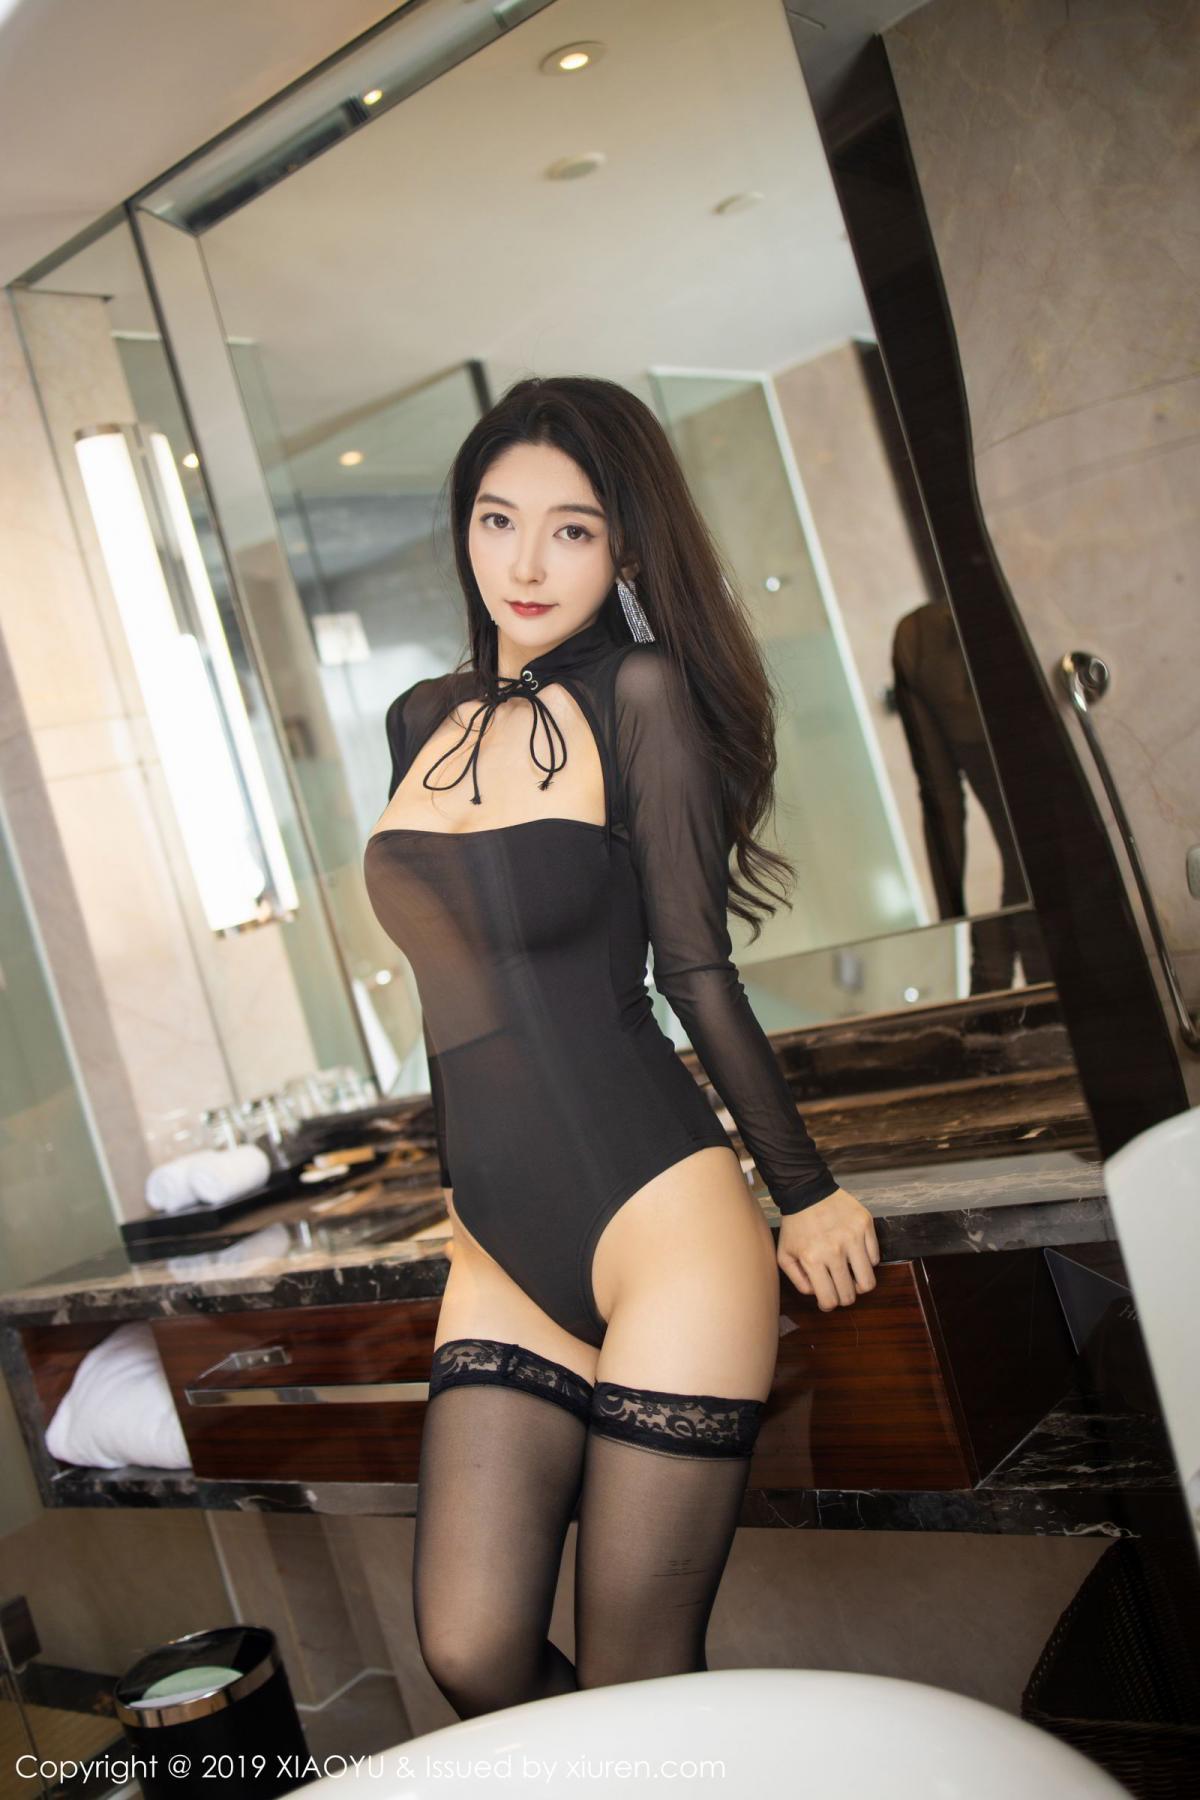 [XiaoYu] Vol.167 Di Yi 20P, Di Yi, XiaoYu